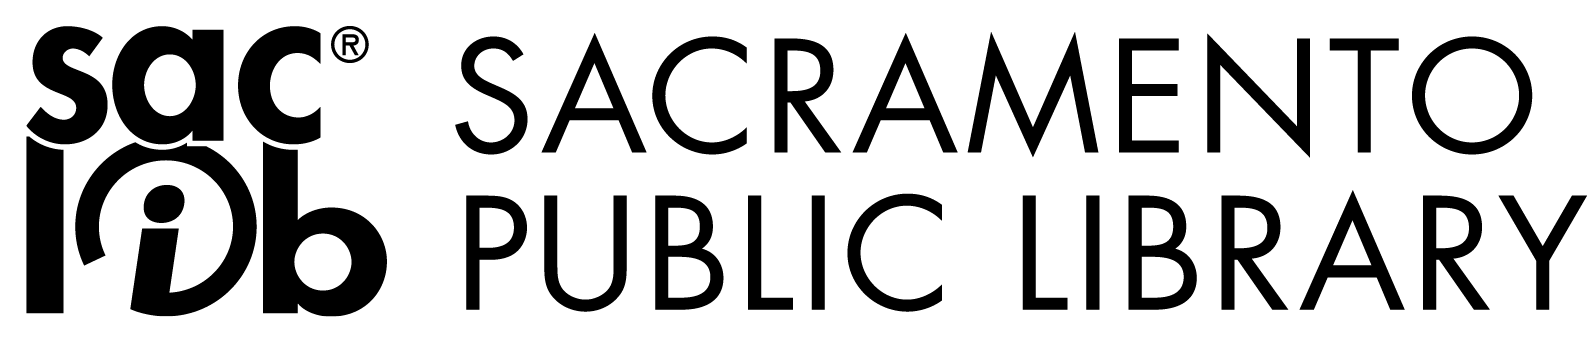 sacramento public library logo